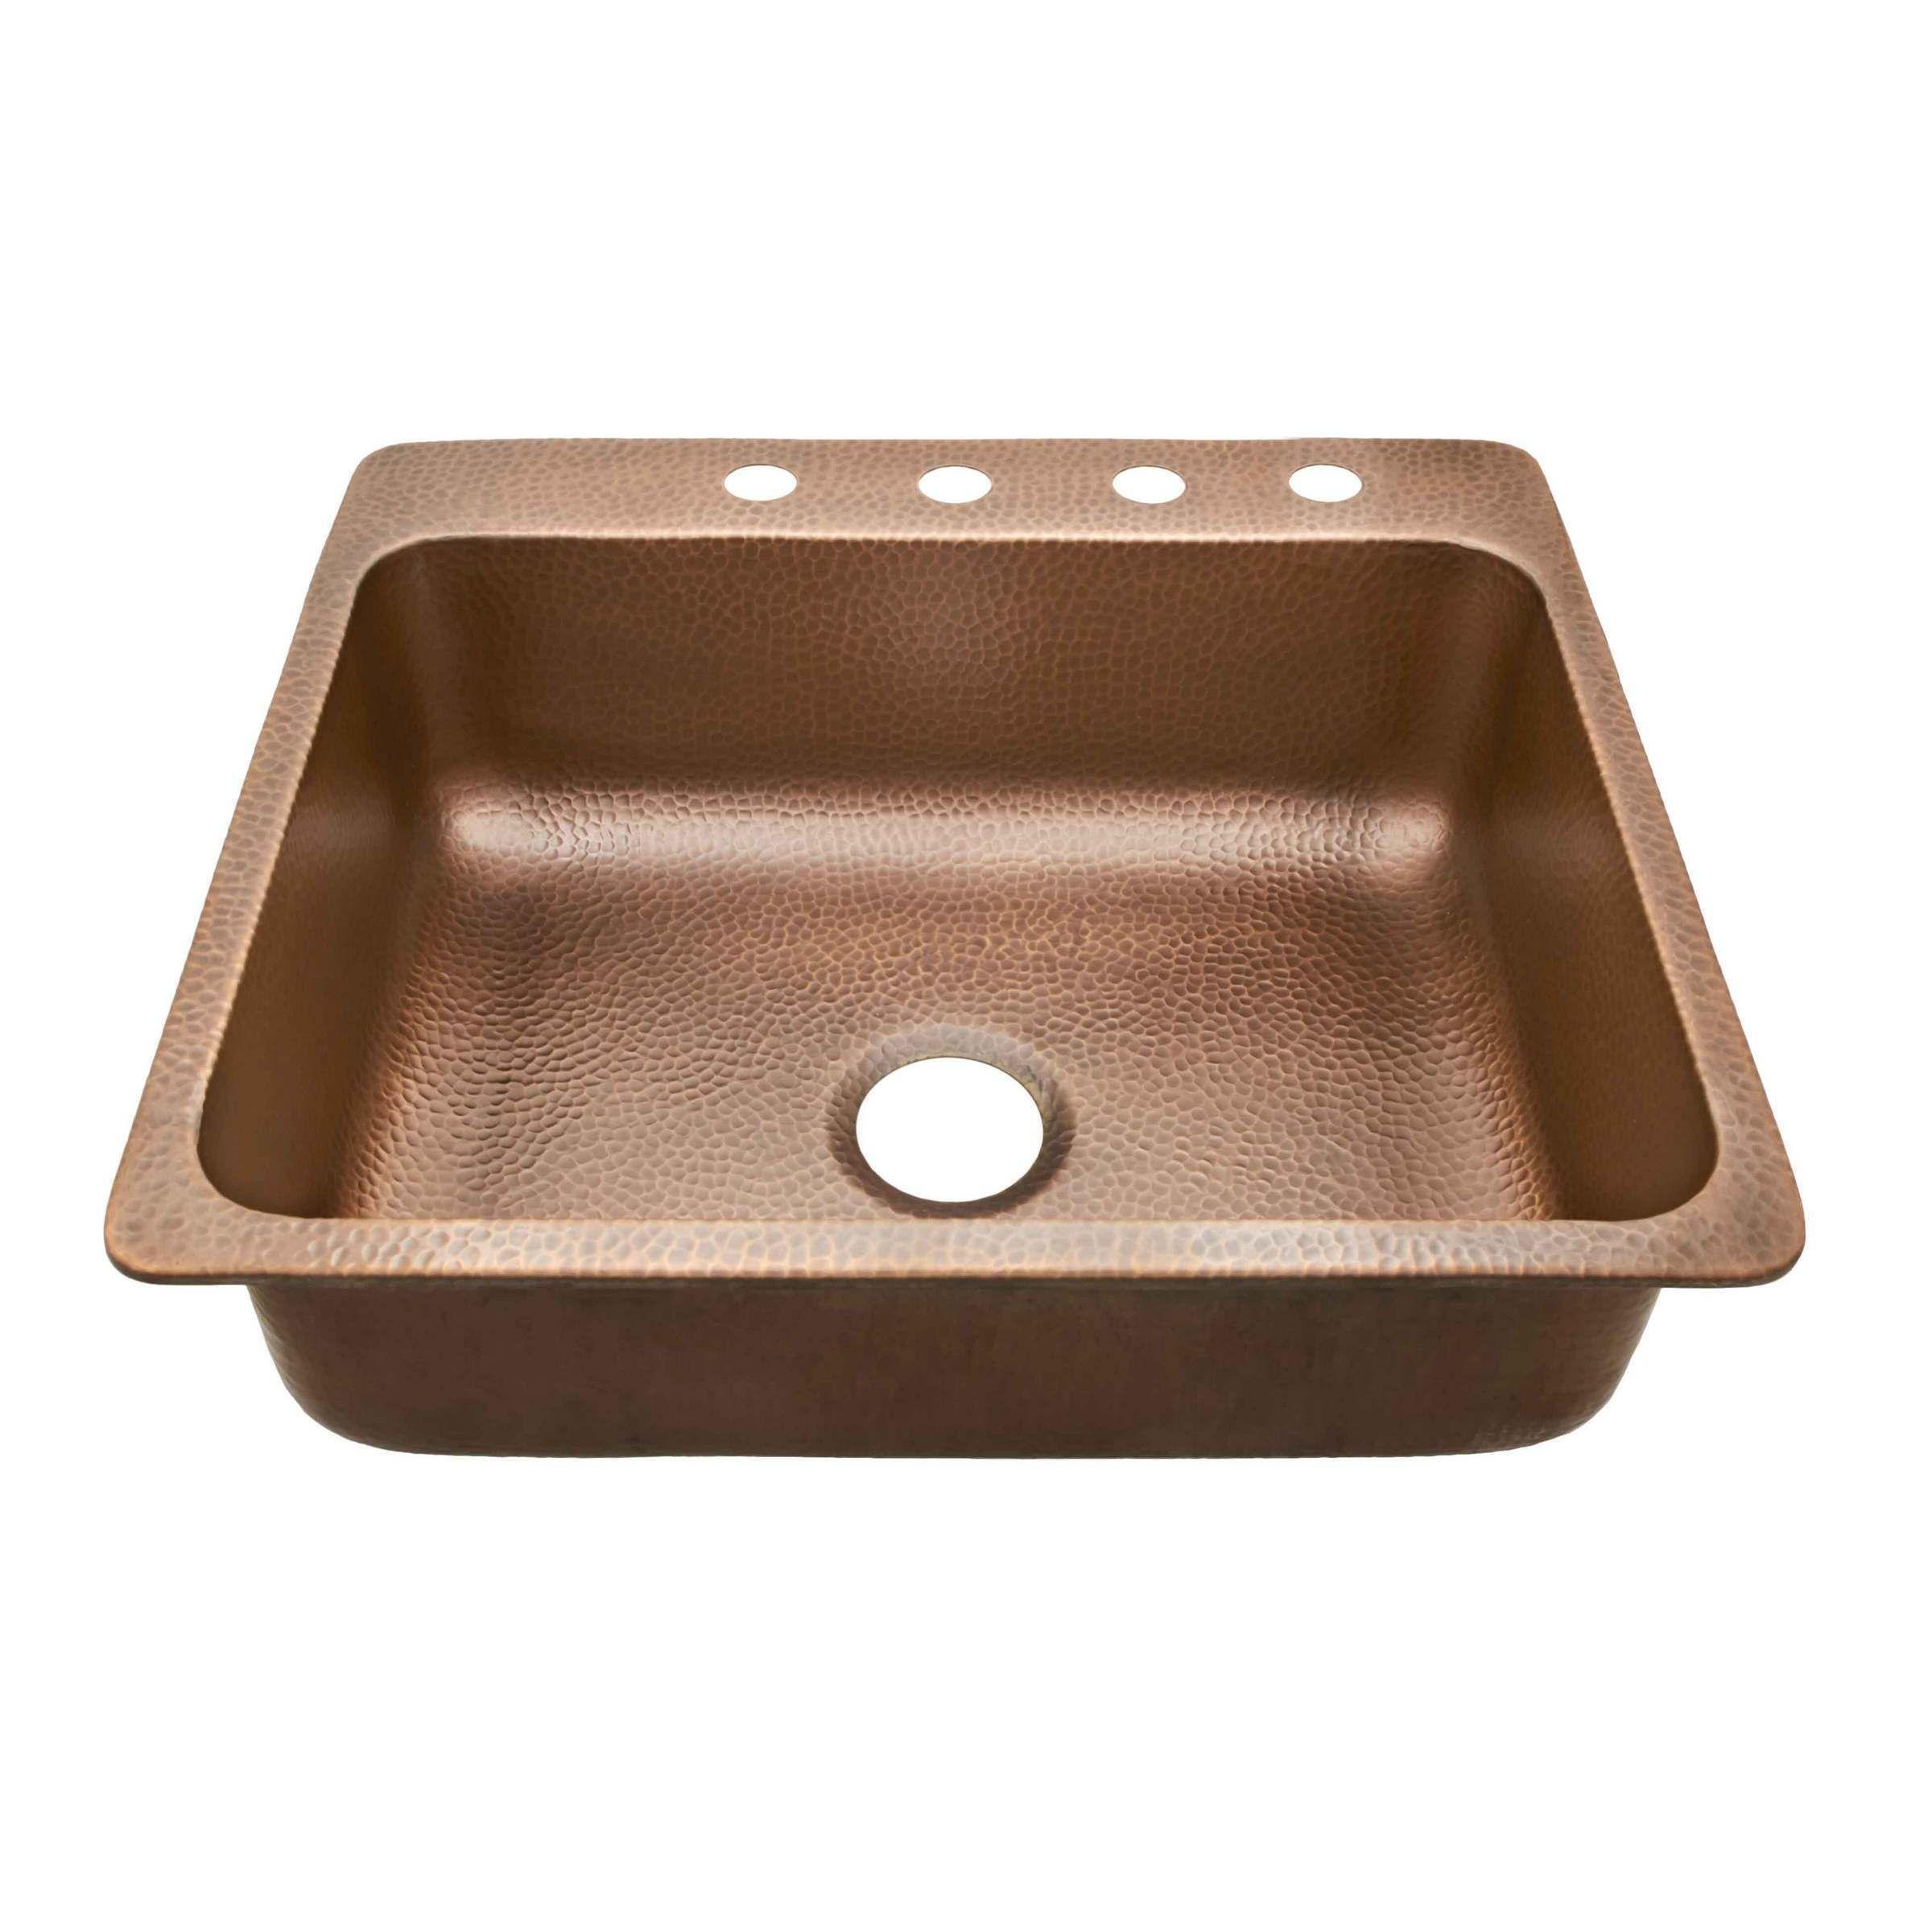 Sinkology Rosa Drop In 25 4 Hole Kitchen Sink In Antique Copper